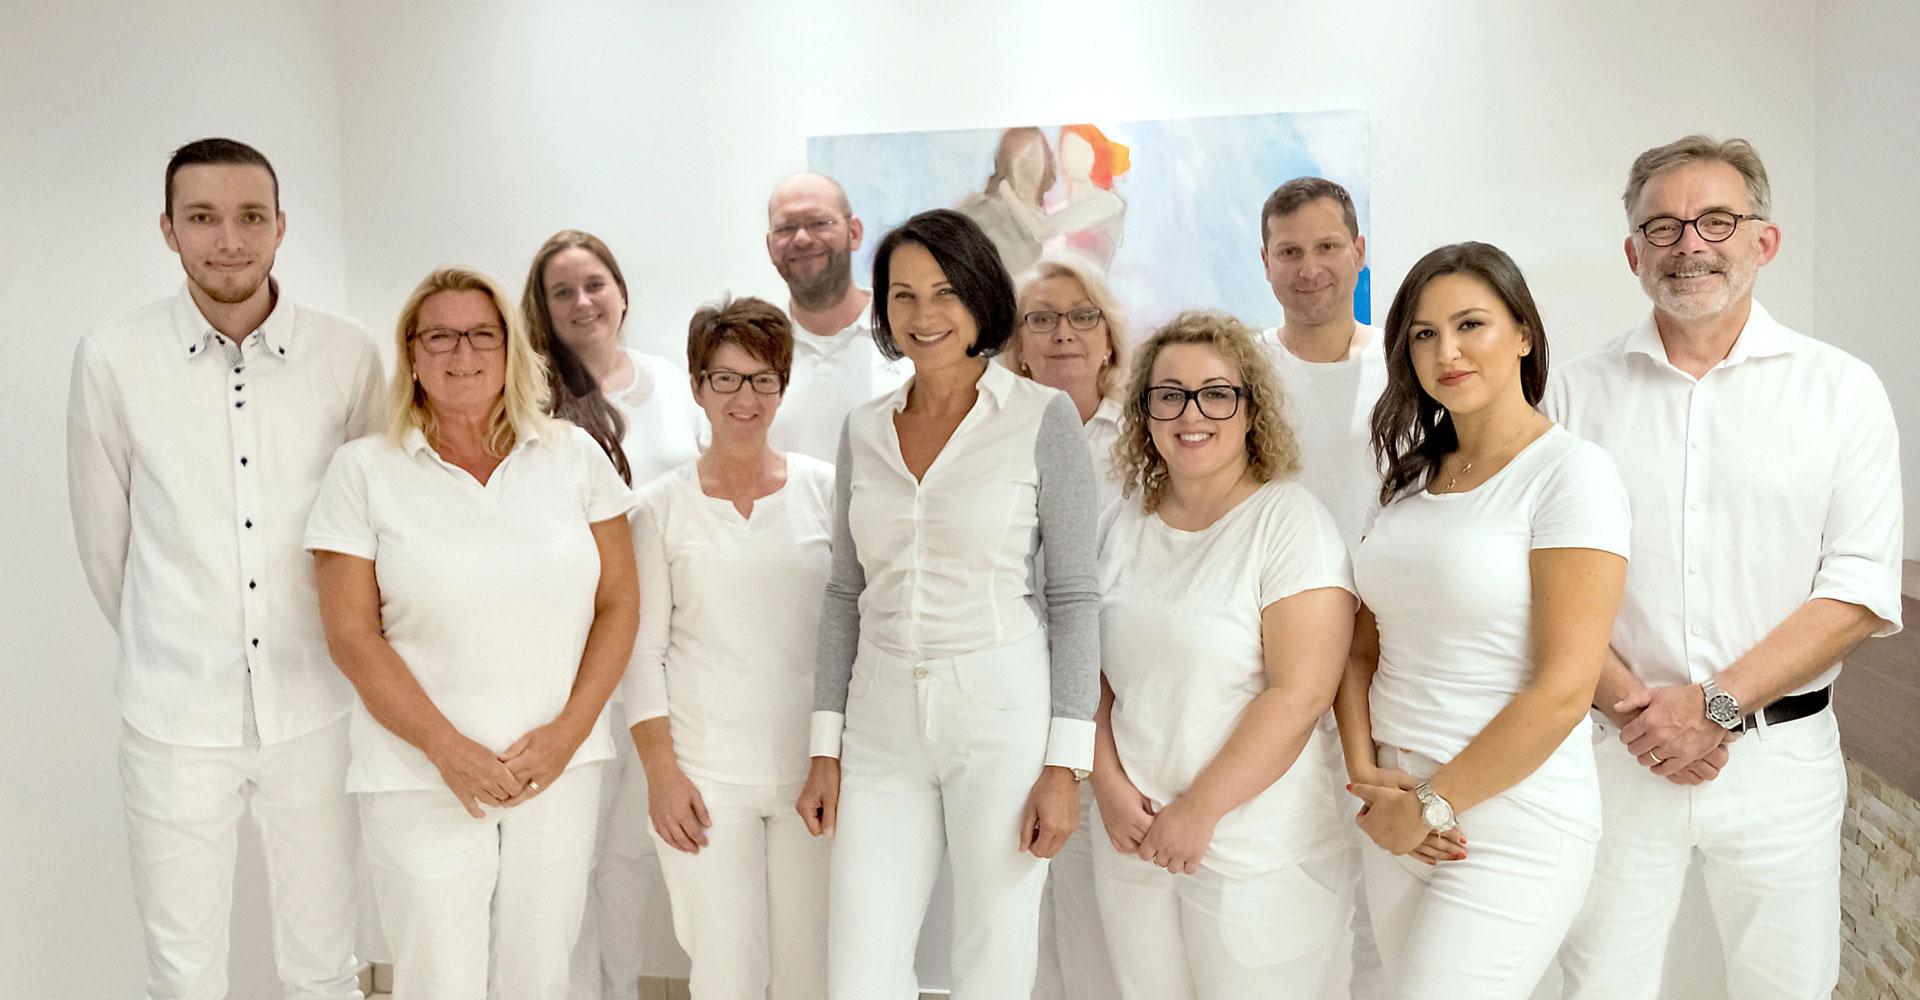 Team Radiologie Mettmann